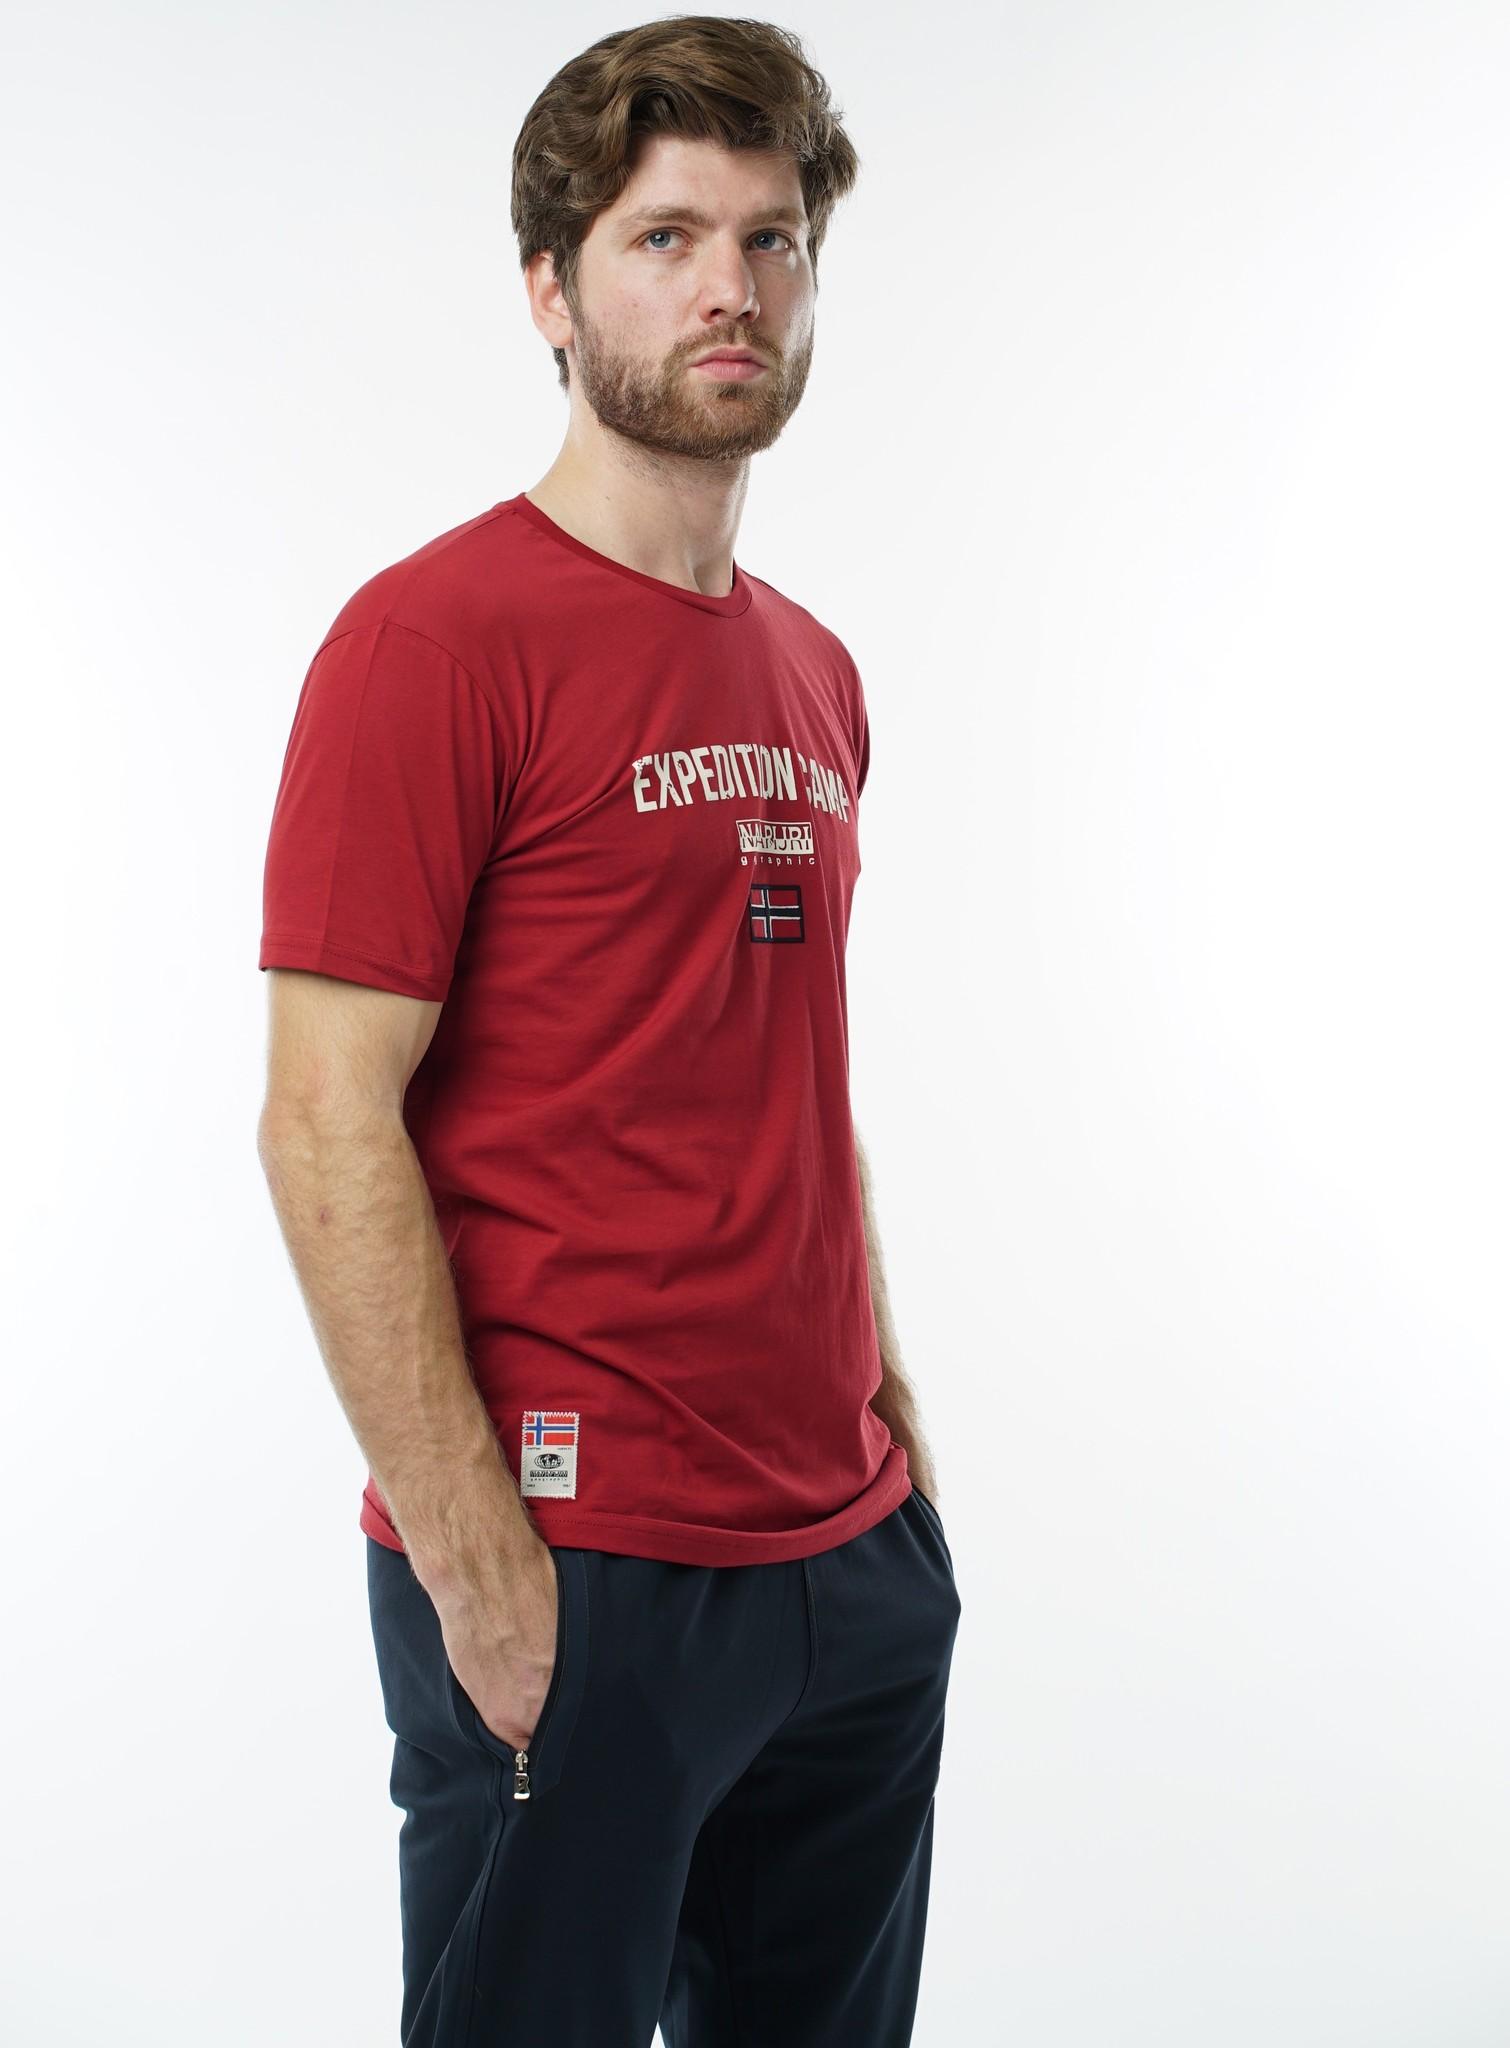 """Мужские футболки Футболка """"Napapijri"""" 1040 bordo DSC06007.JPG"""